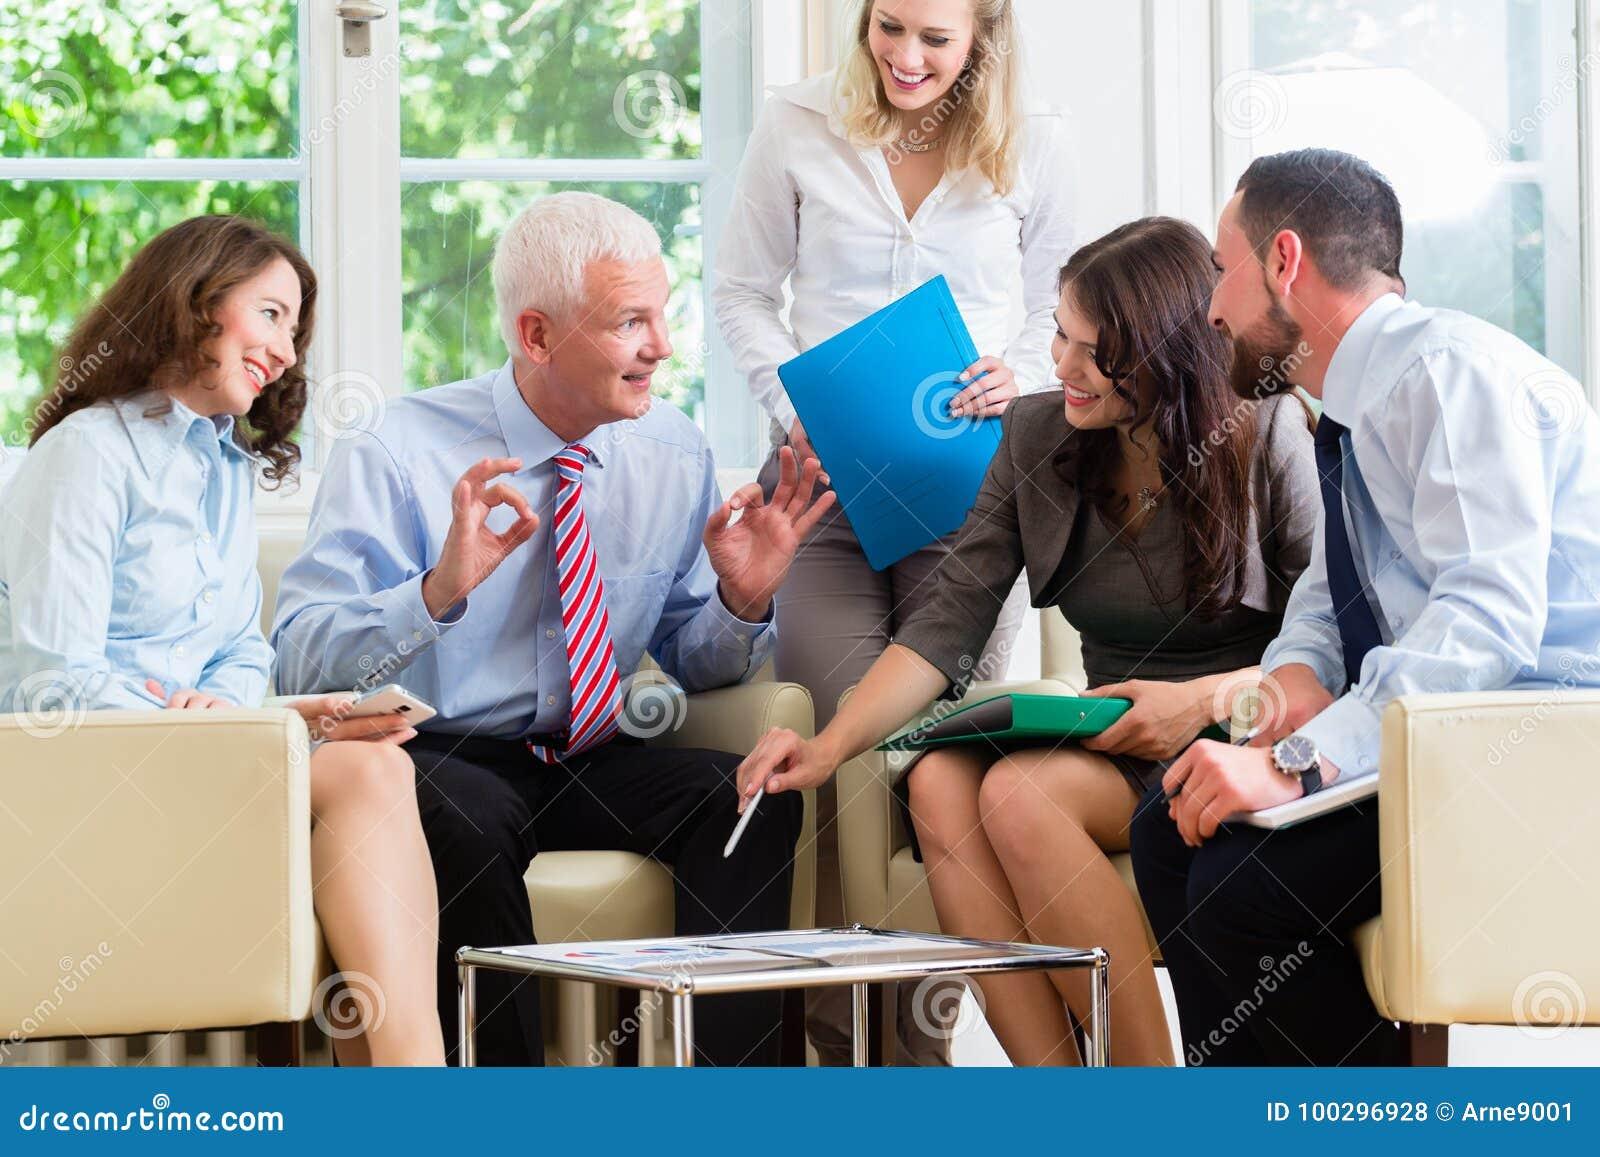 5 бизнесменов в встрече команды изучая диаграммы